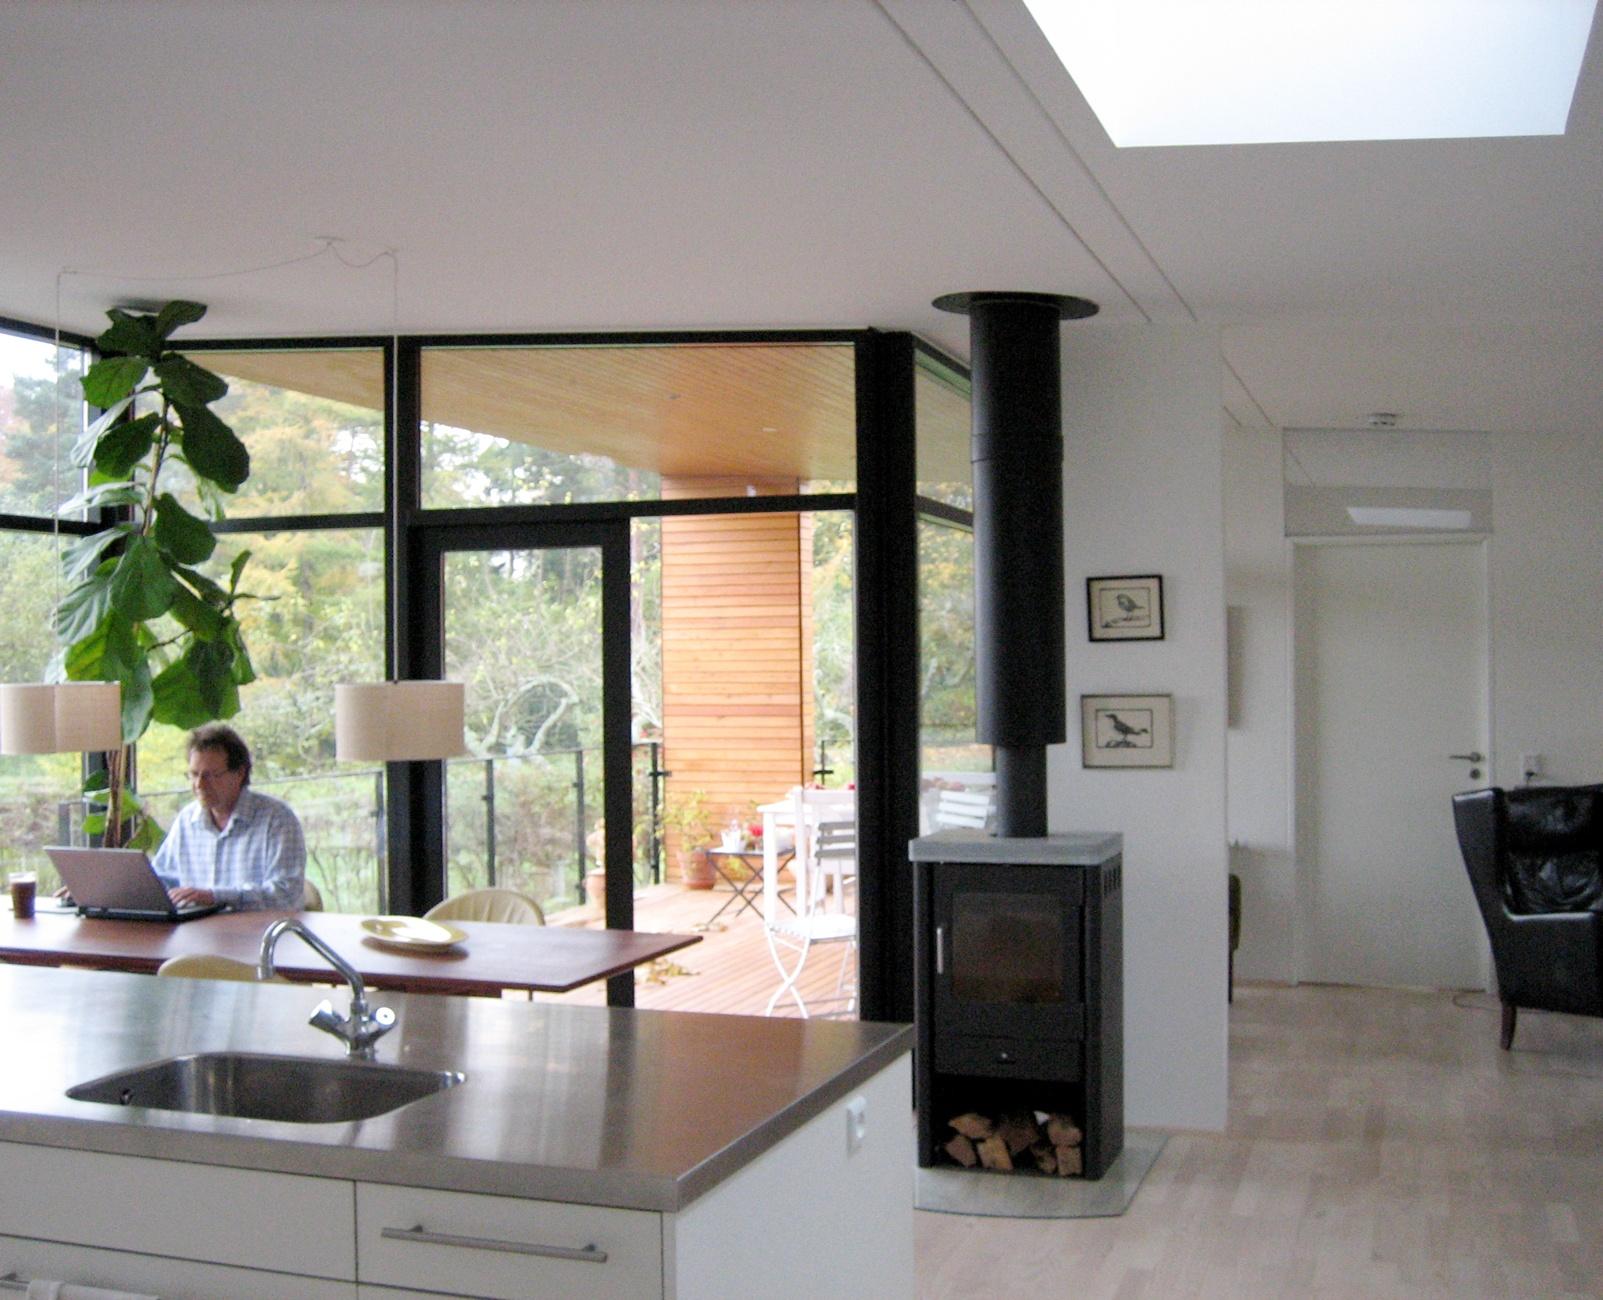 Villa-Heinsen-ONV-arkitekter-enfamiliehus-arkitekttegnet-architecture-3